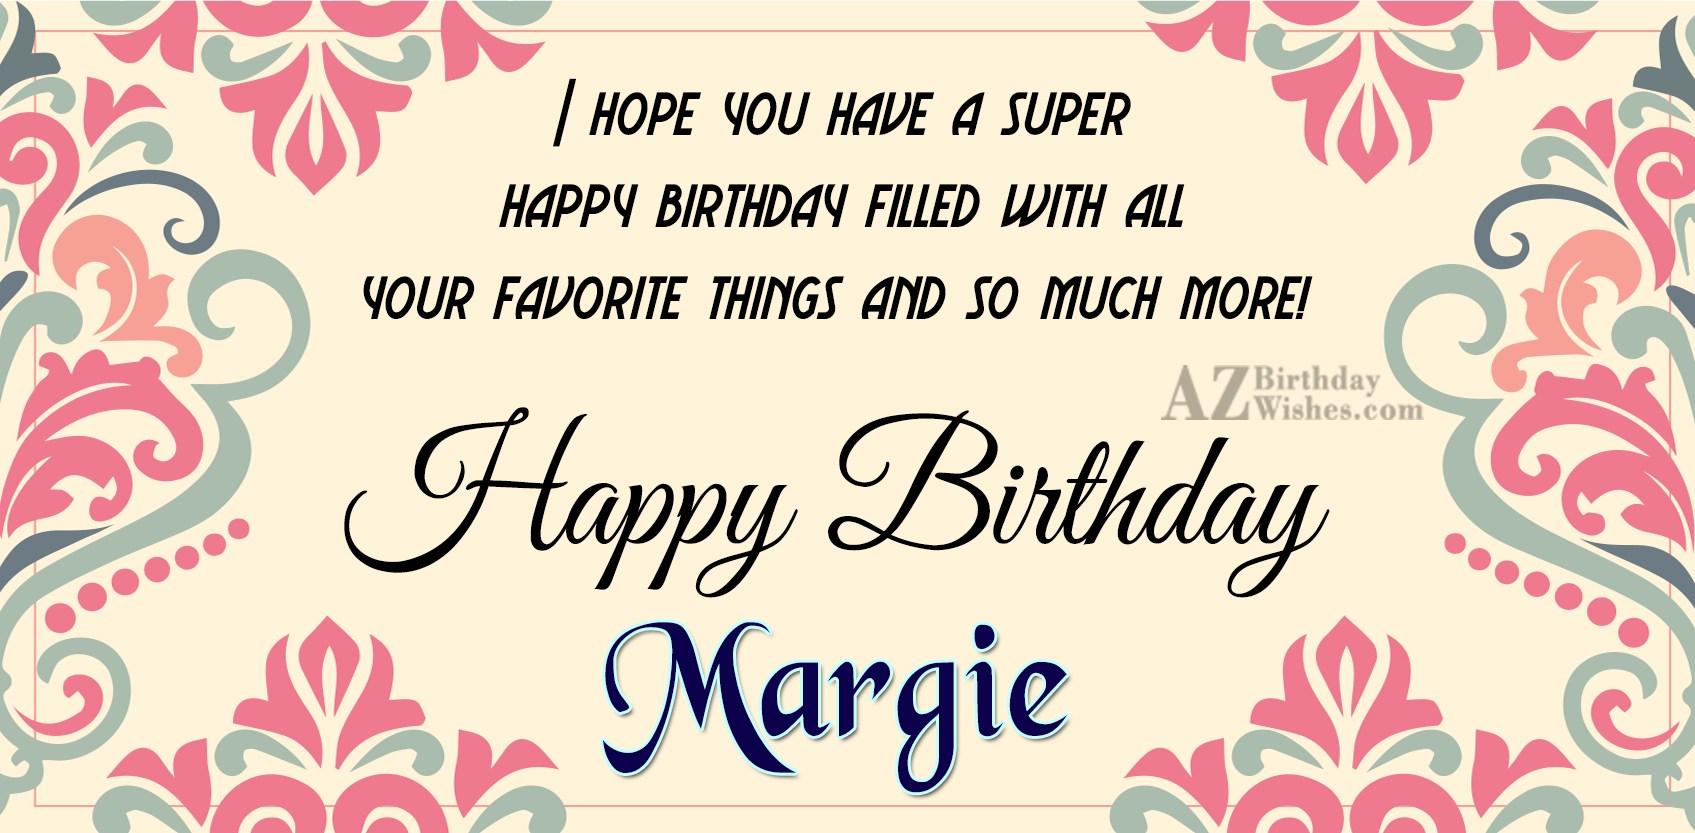 Happy Birthday Margie